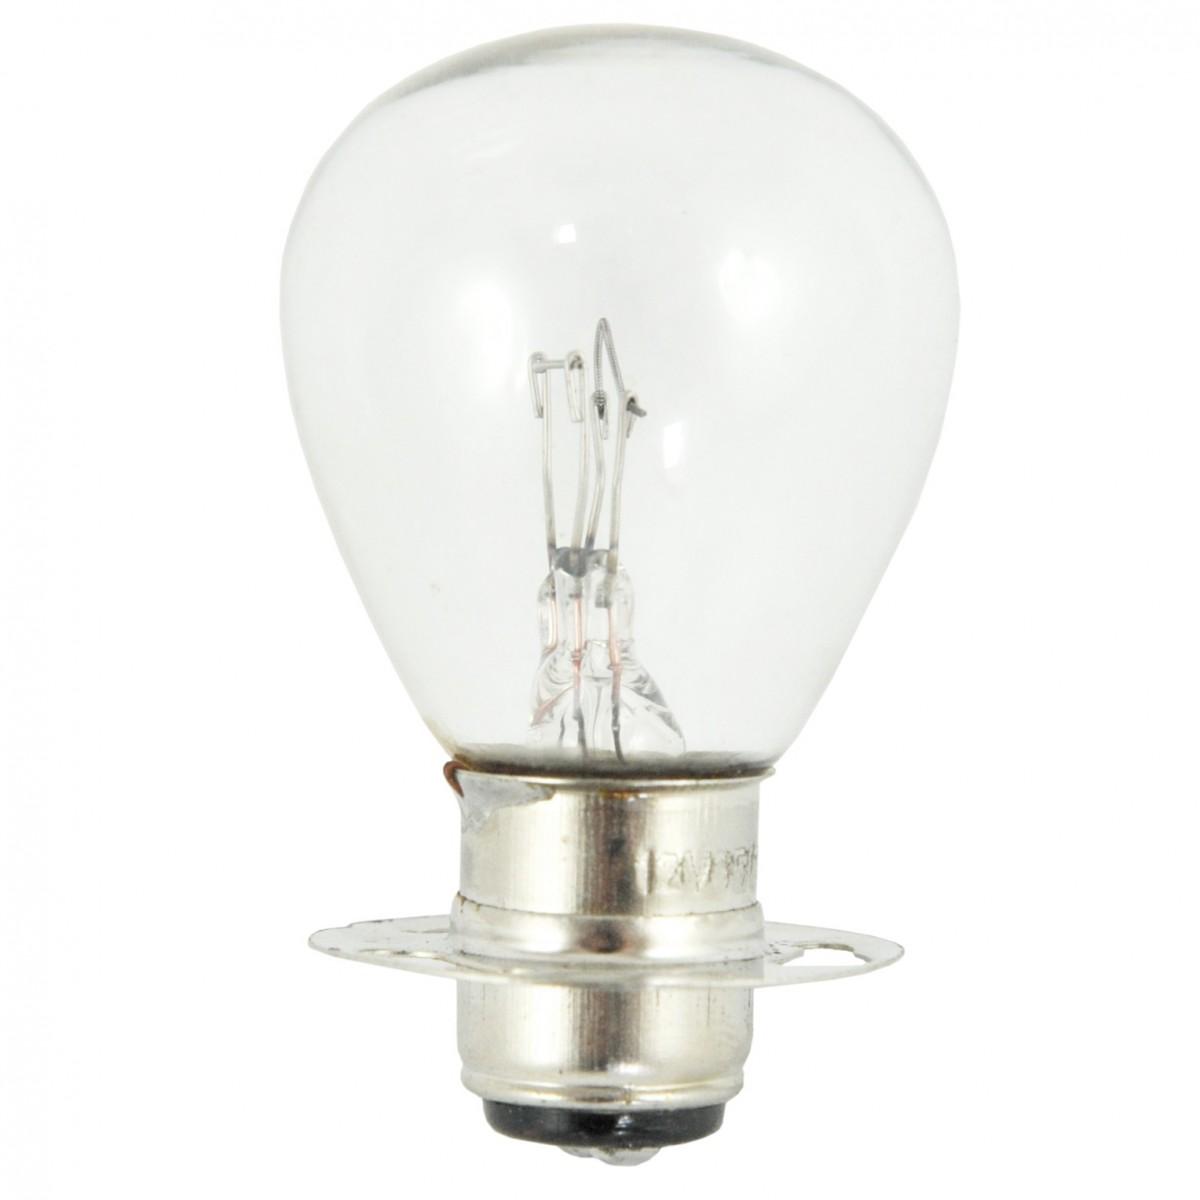 Two filament bulb 12V35 / 35W, Kubota M5000